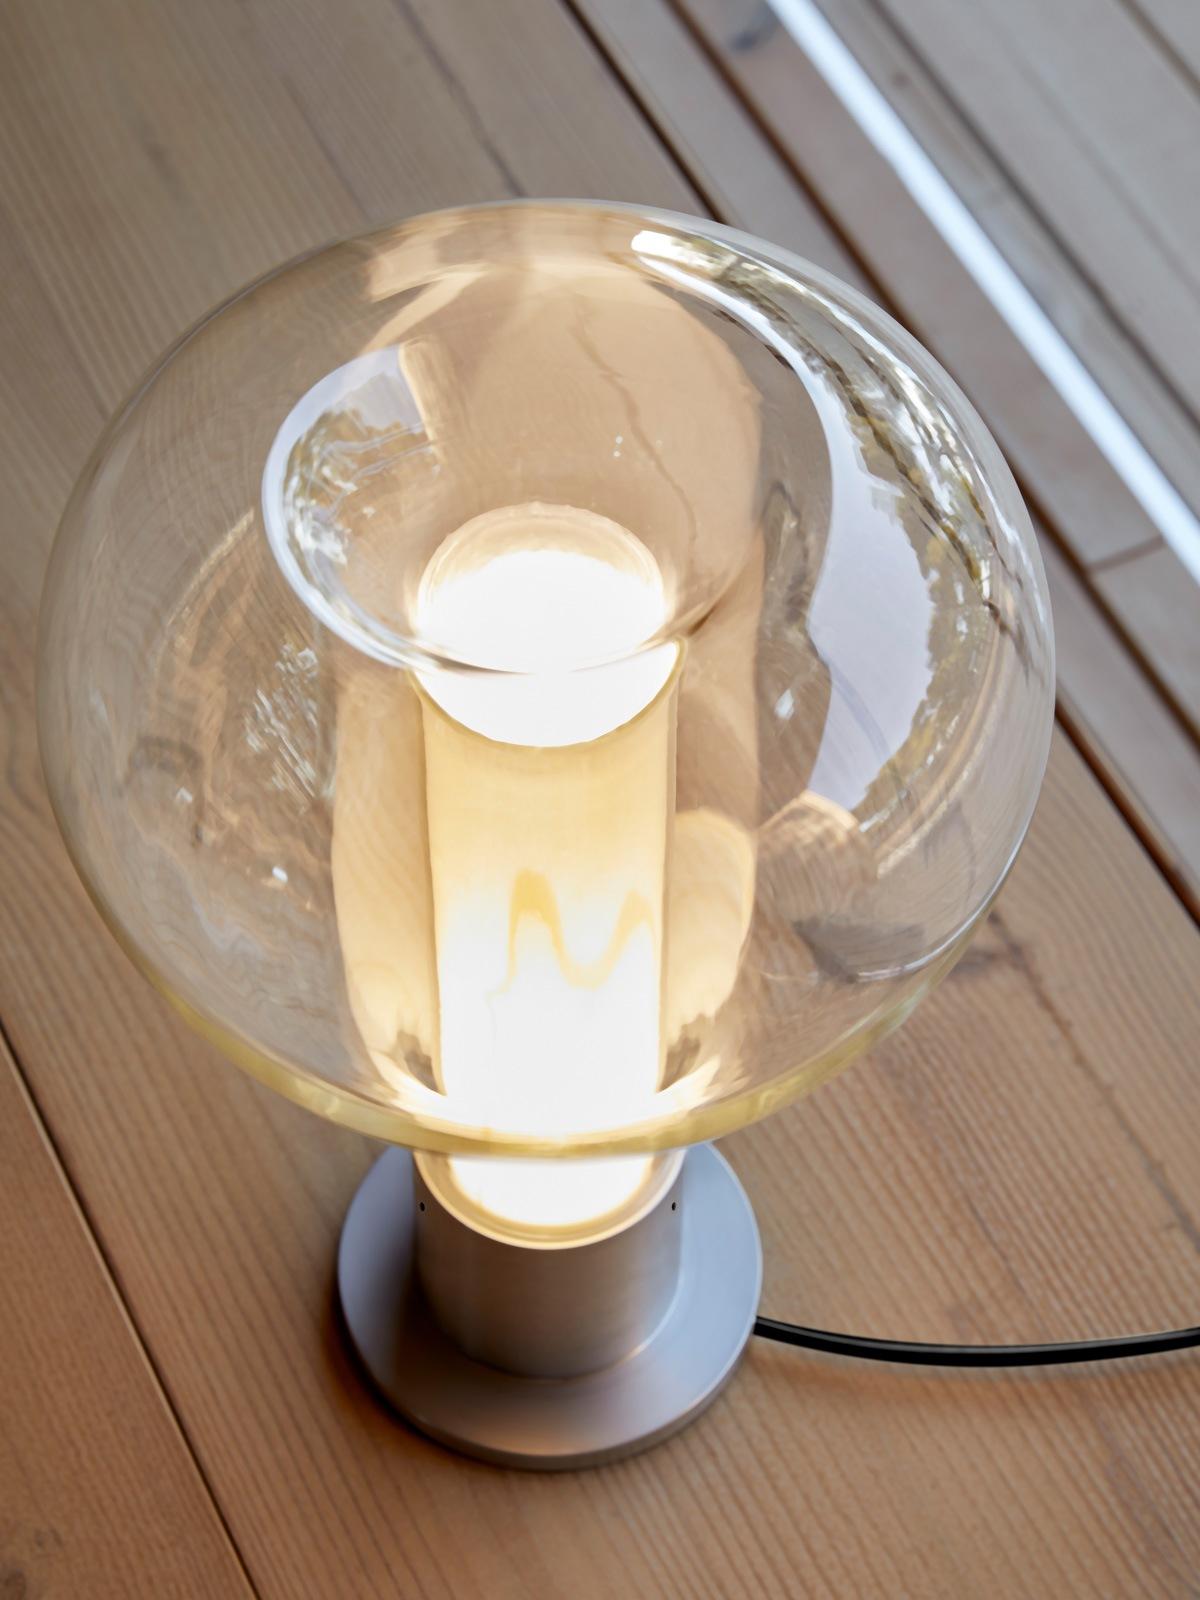 DesignOrt Blog: Eris m Tischleuchte Holz Metall Glas Designort Lampen Berlin Onlineshop Designerleuchten